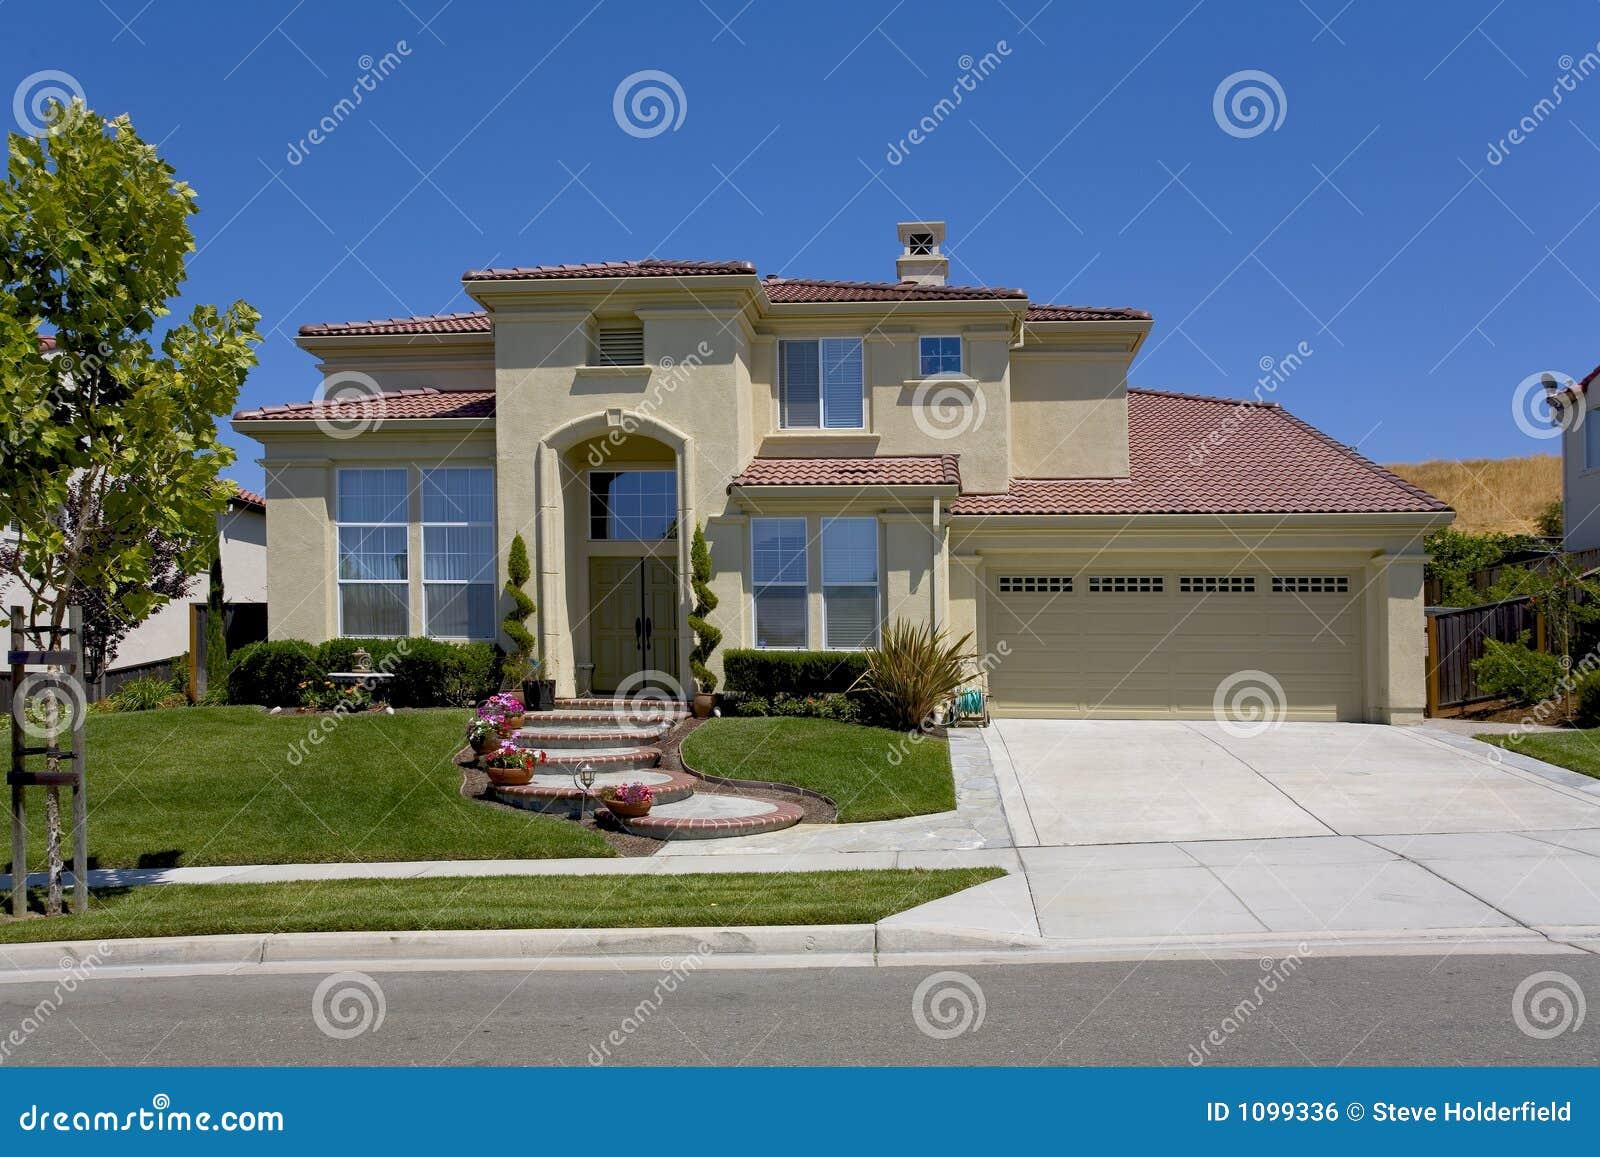 pi nuova casa a due piani spagnola immagine stock libera